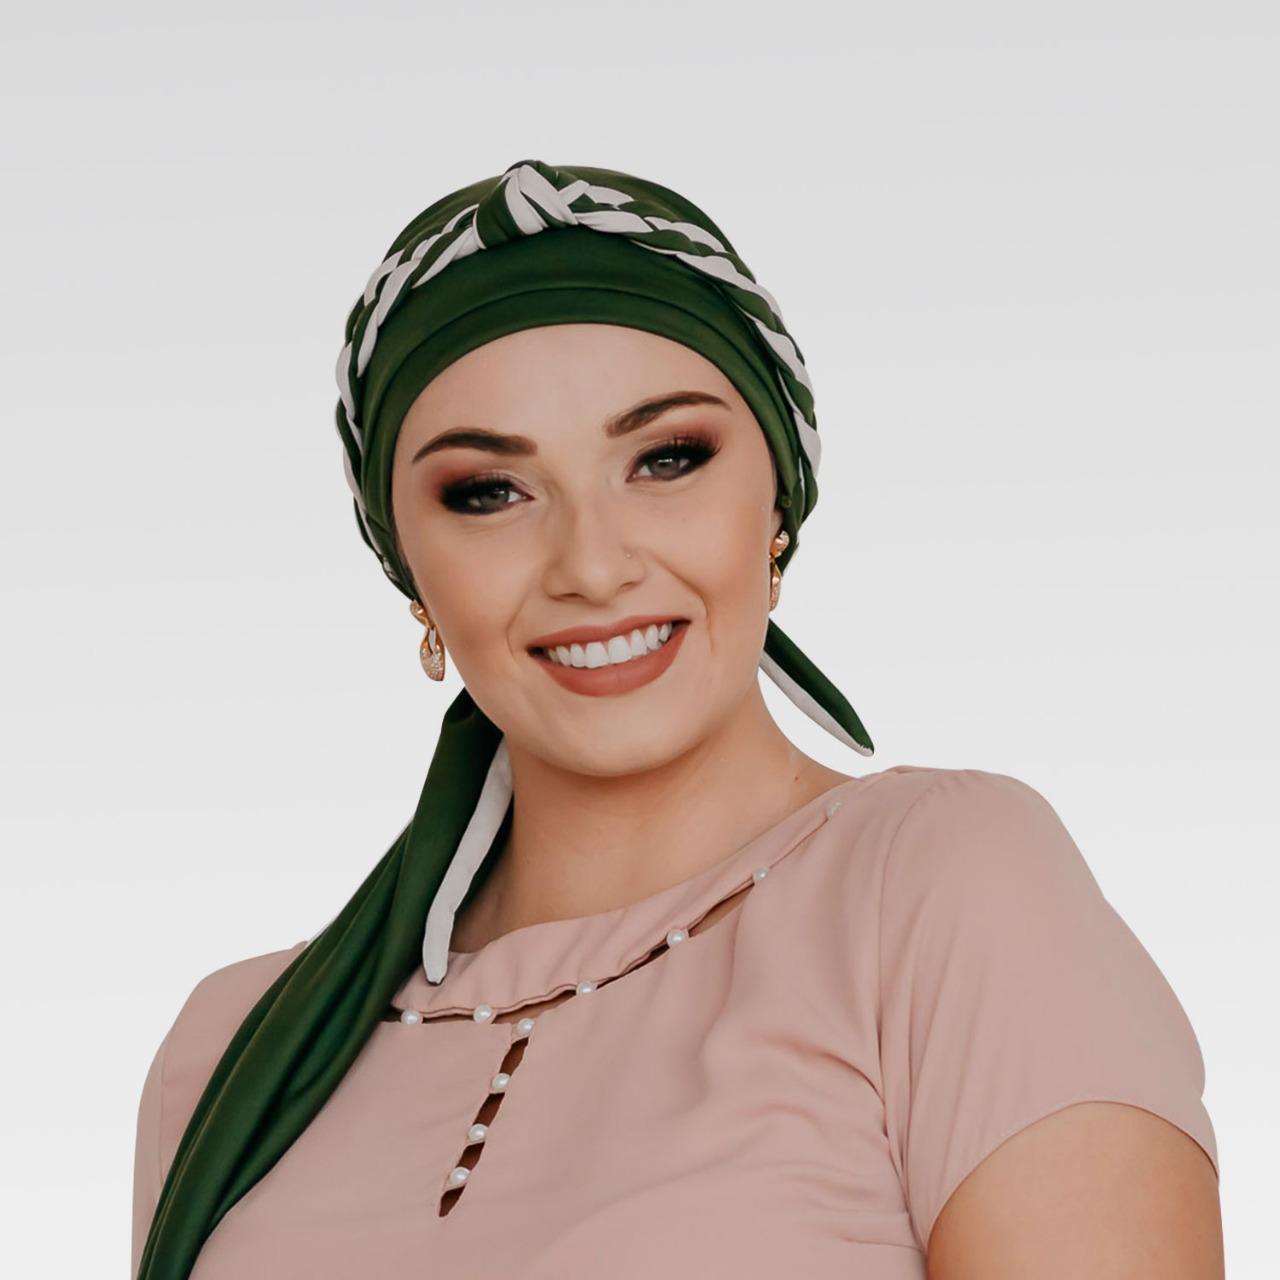 Turbante Verde Musgo + Tiara de Elos Verde Musgo e Bege